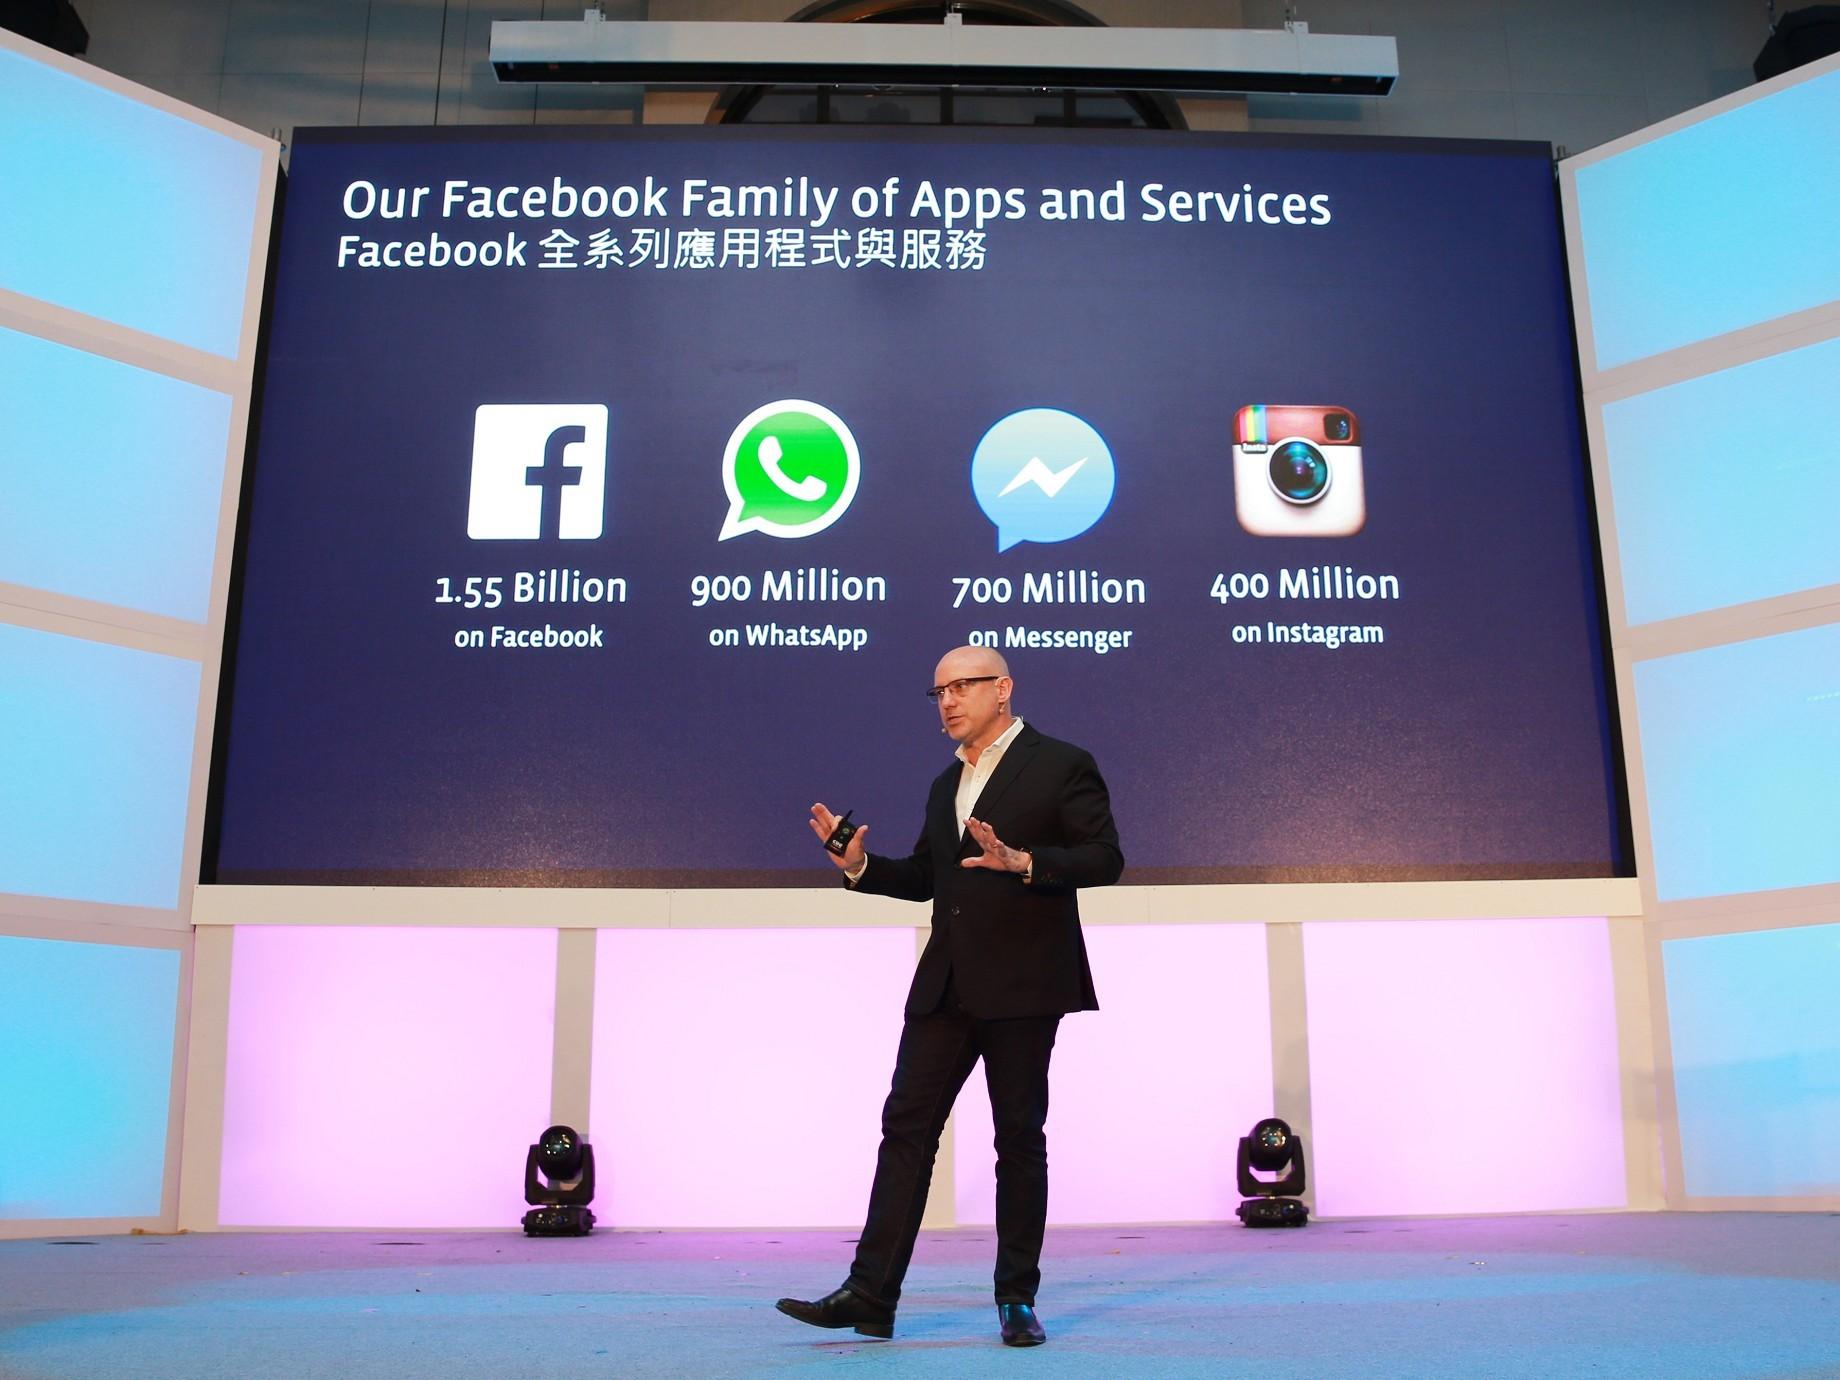 2015台北亞洲廣告會議系列- Facebook在行動商務世代的3個行銷指標趨勢